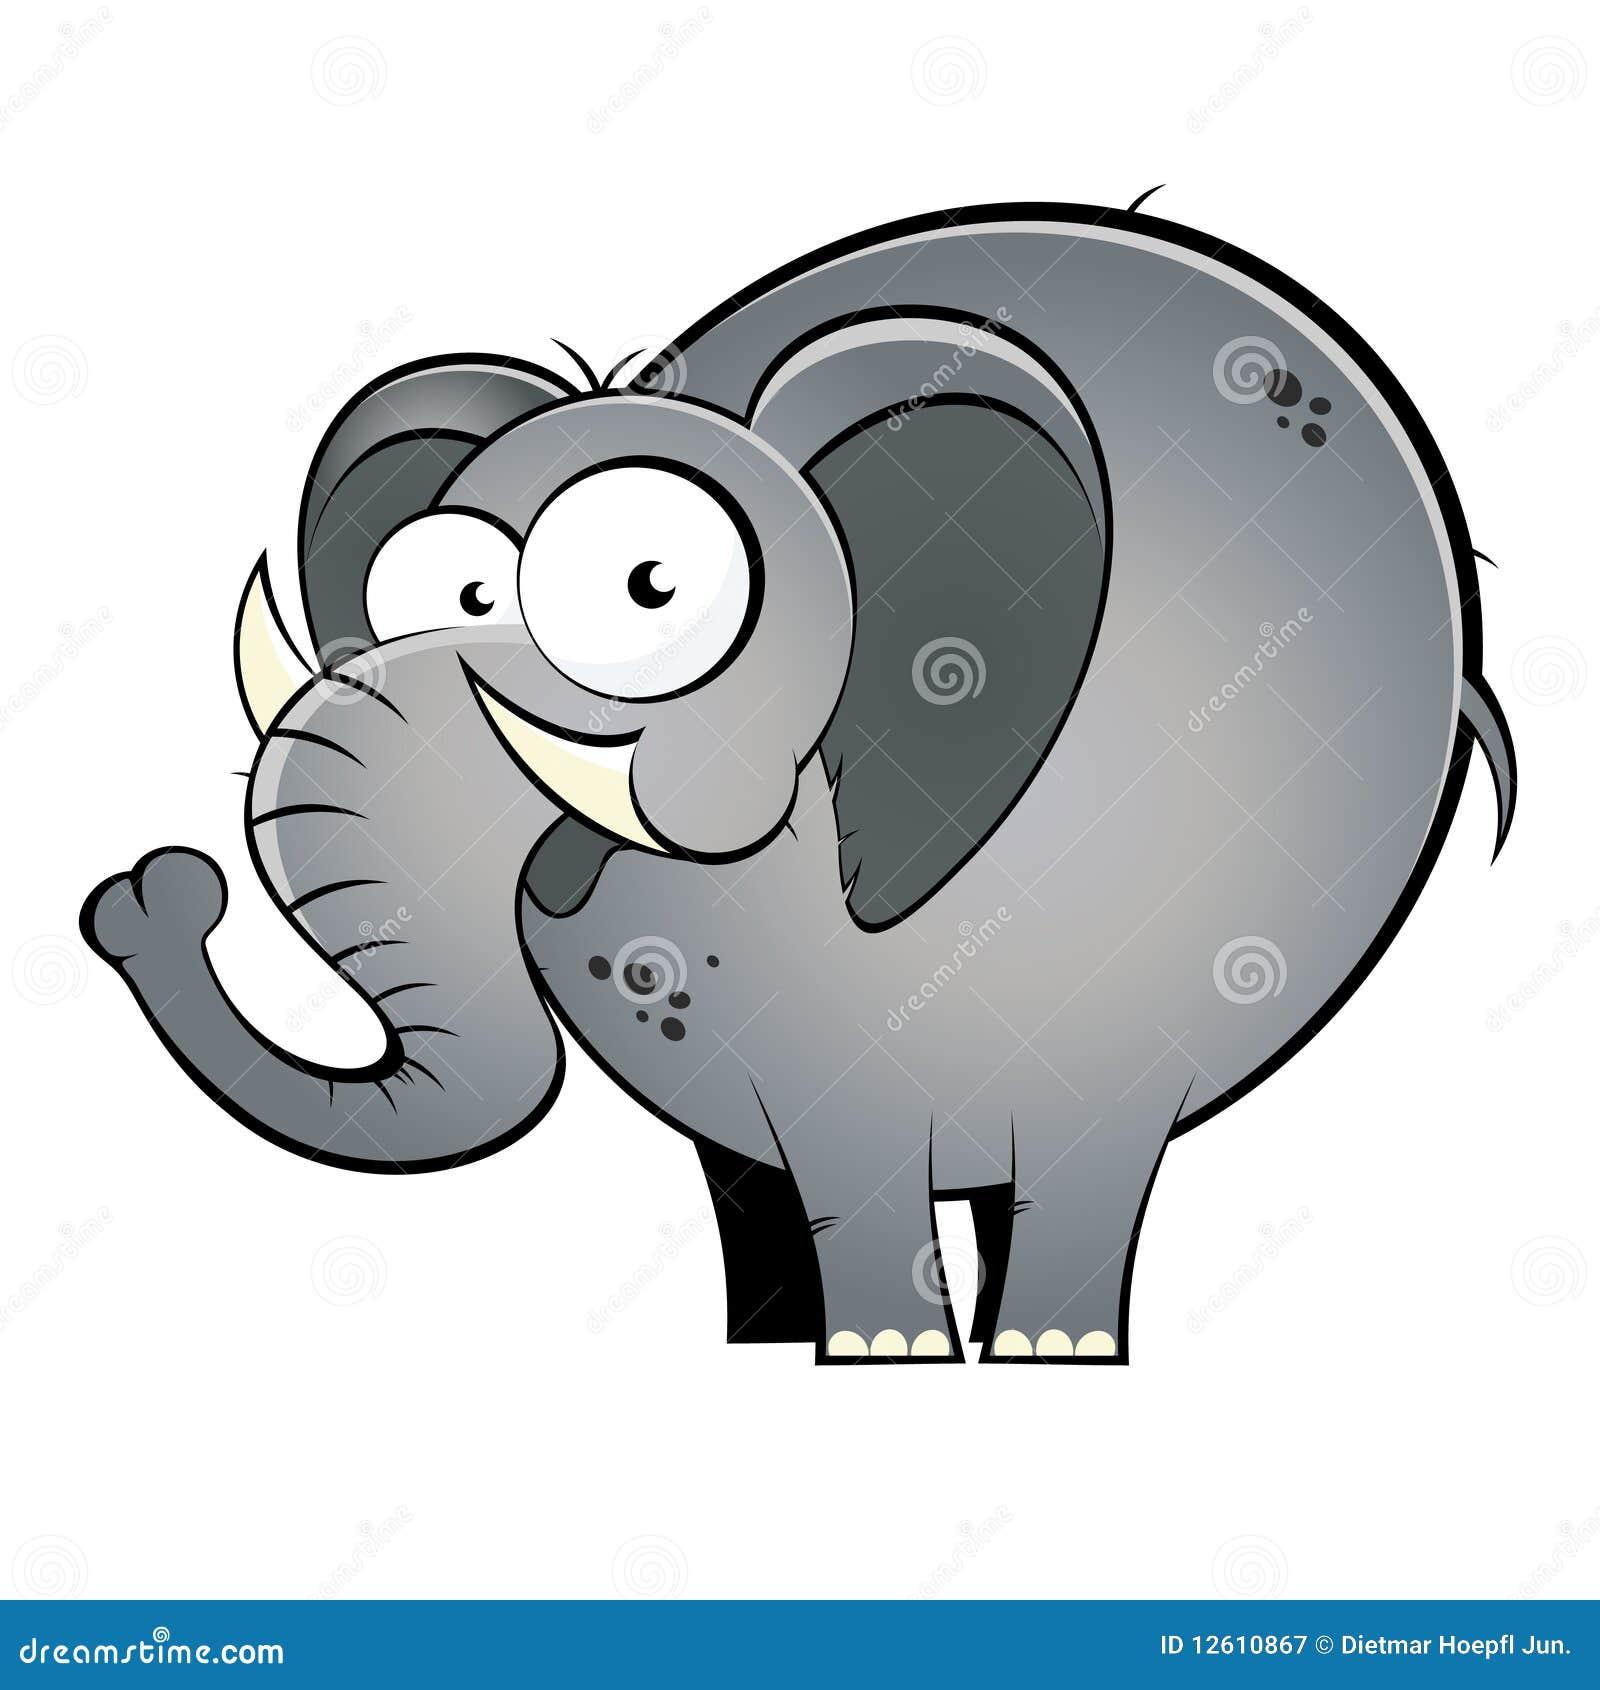 L phant de dessin anim illustration de vecteur illustration du closeup 12610867 - Dessins d elephants ...